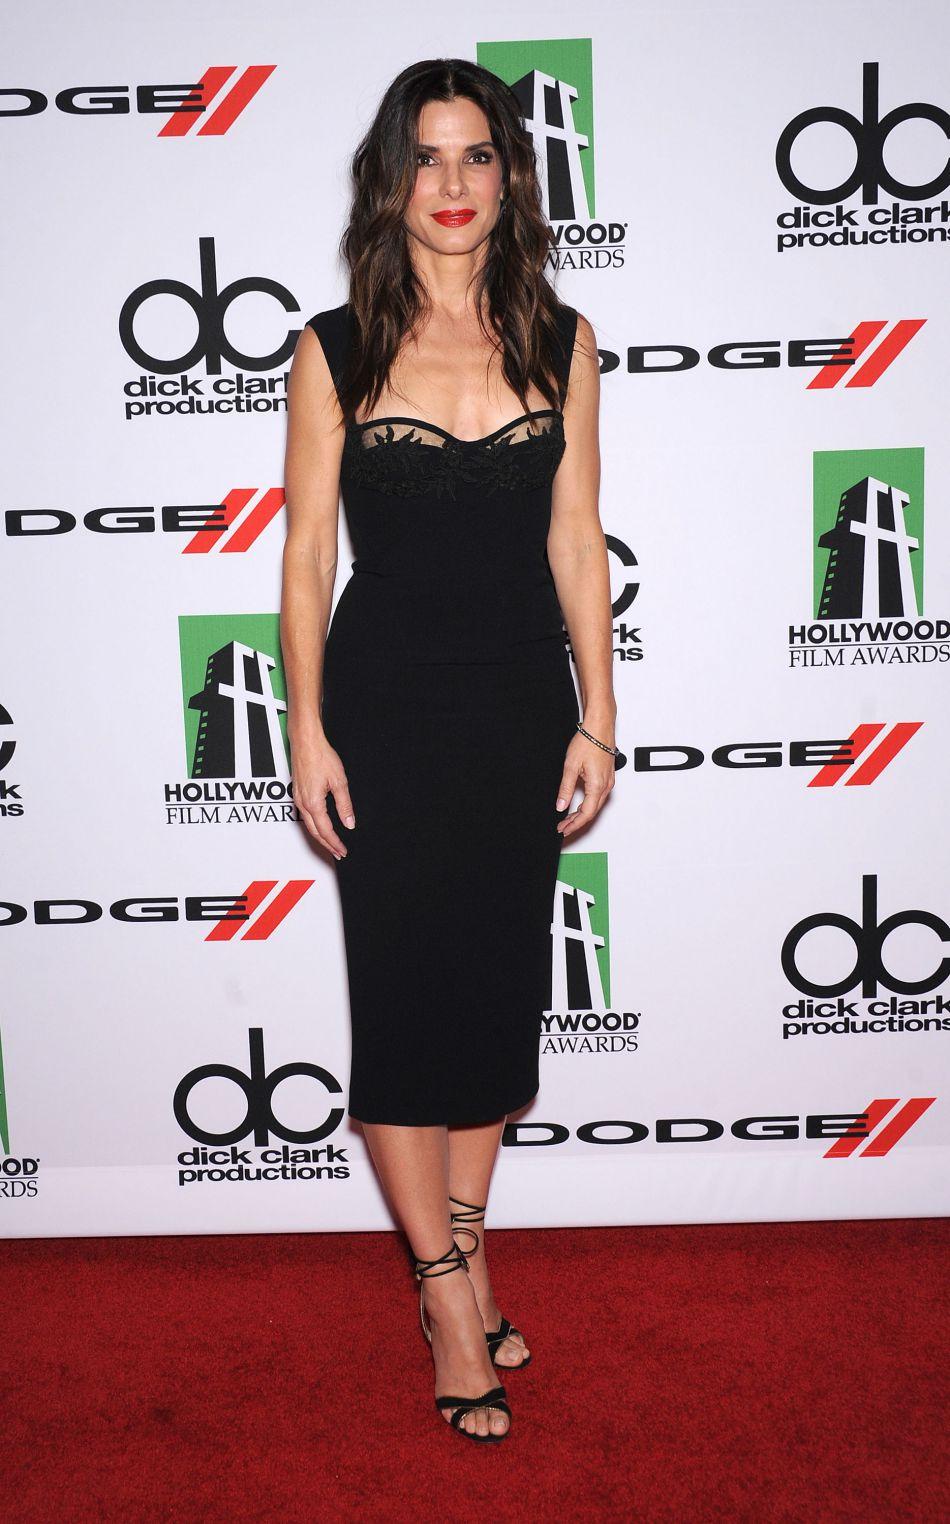 Octobre 2013 : lors de la 17e édition des Hollywood Film Awards, elle dévoile son décolleté dans un robe noire signée Dsquared2.